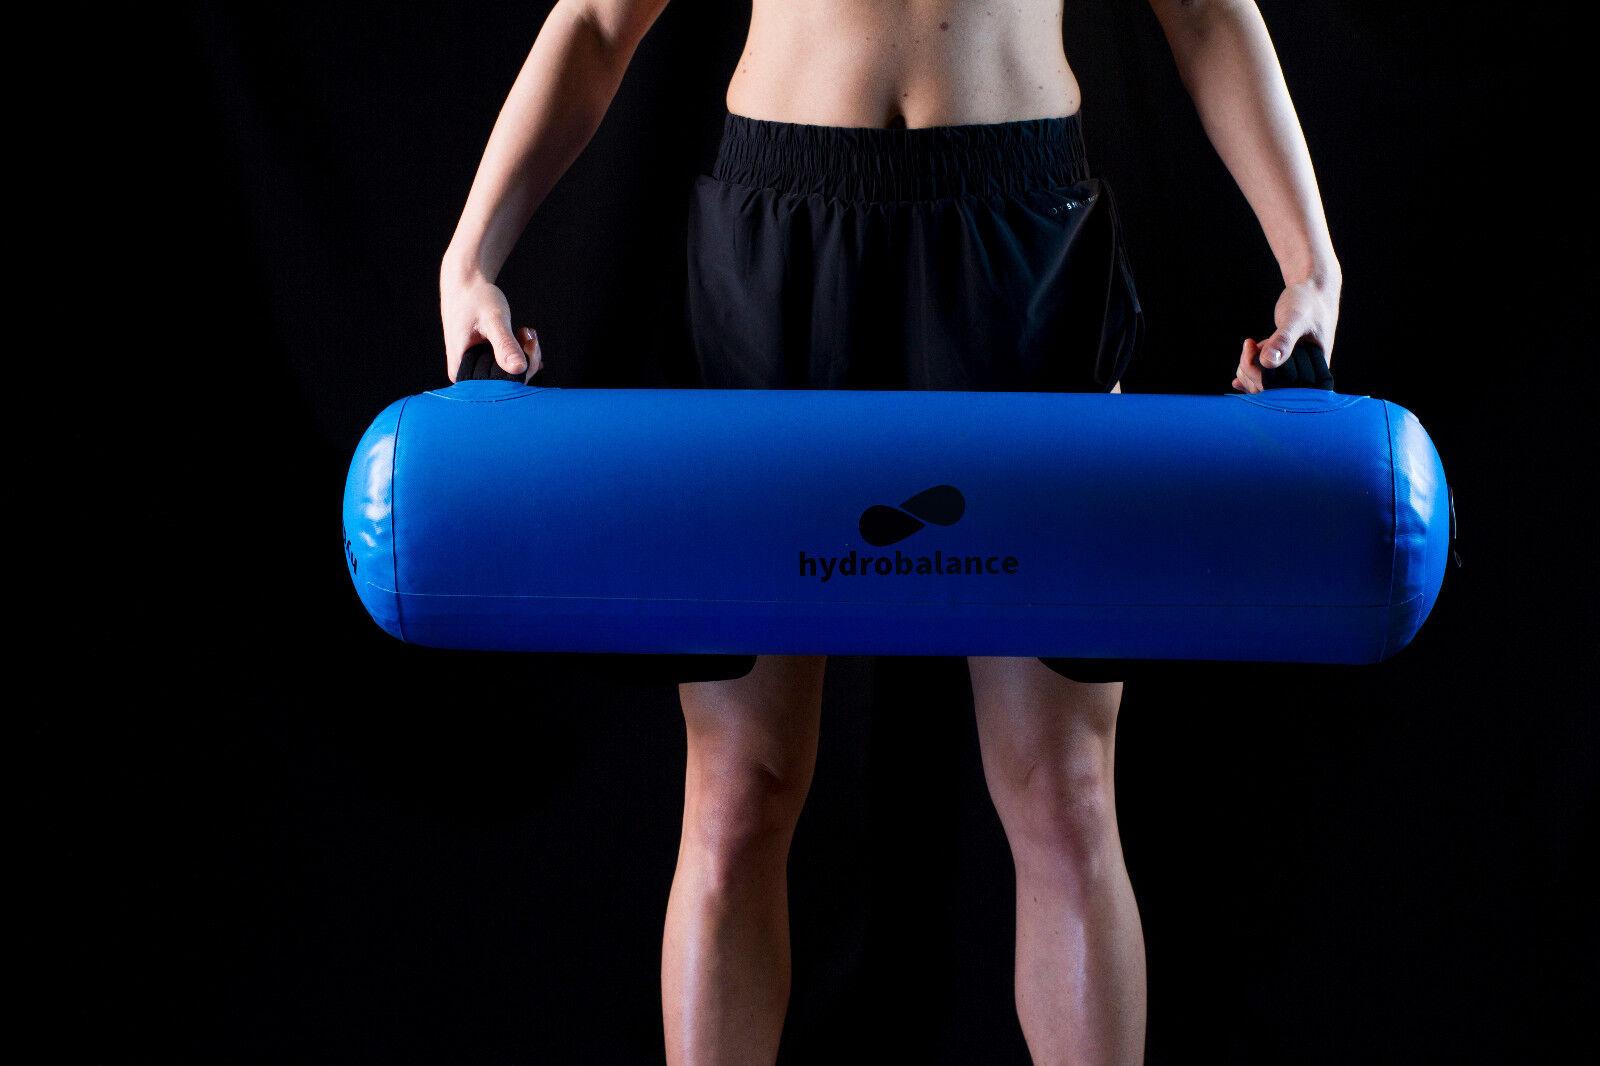 HYDROBALANCE TS formazione Acqua Borsa Borsa Fitness Palestra Peso Crossfit Bag